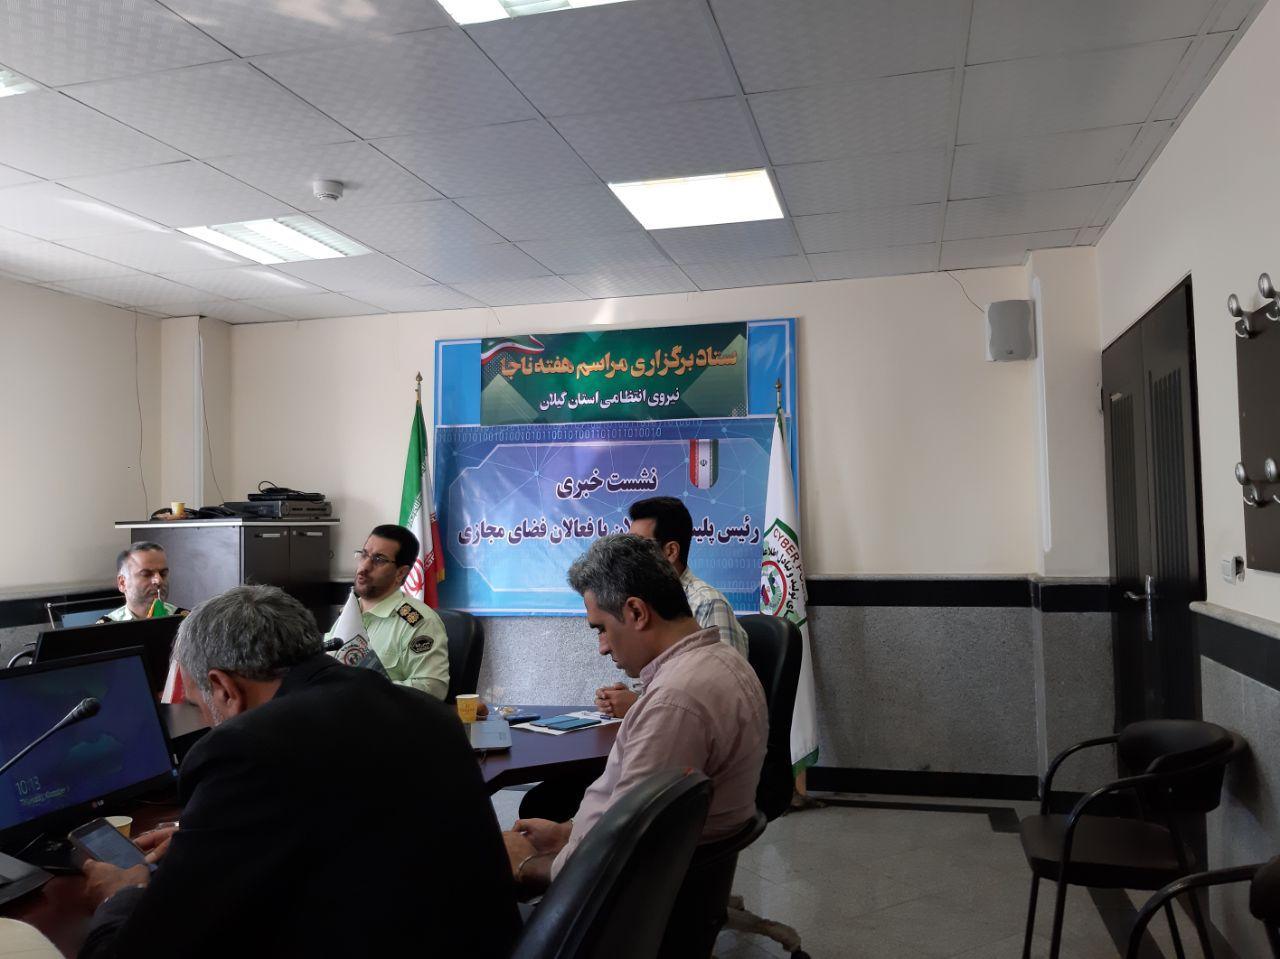 رئیس پلیس فتای گیلان:  بیشتر کلاهبرداری مربوط به اینستاگرام است   شرط بندیهای اینترنتی در گیلان زیاد است